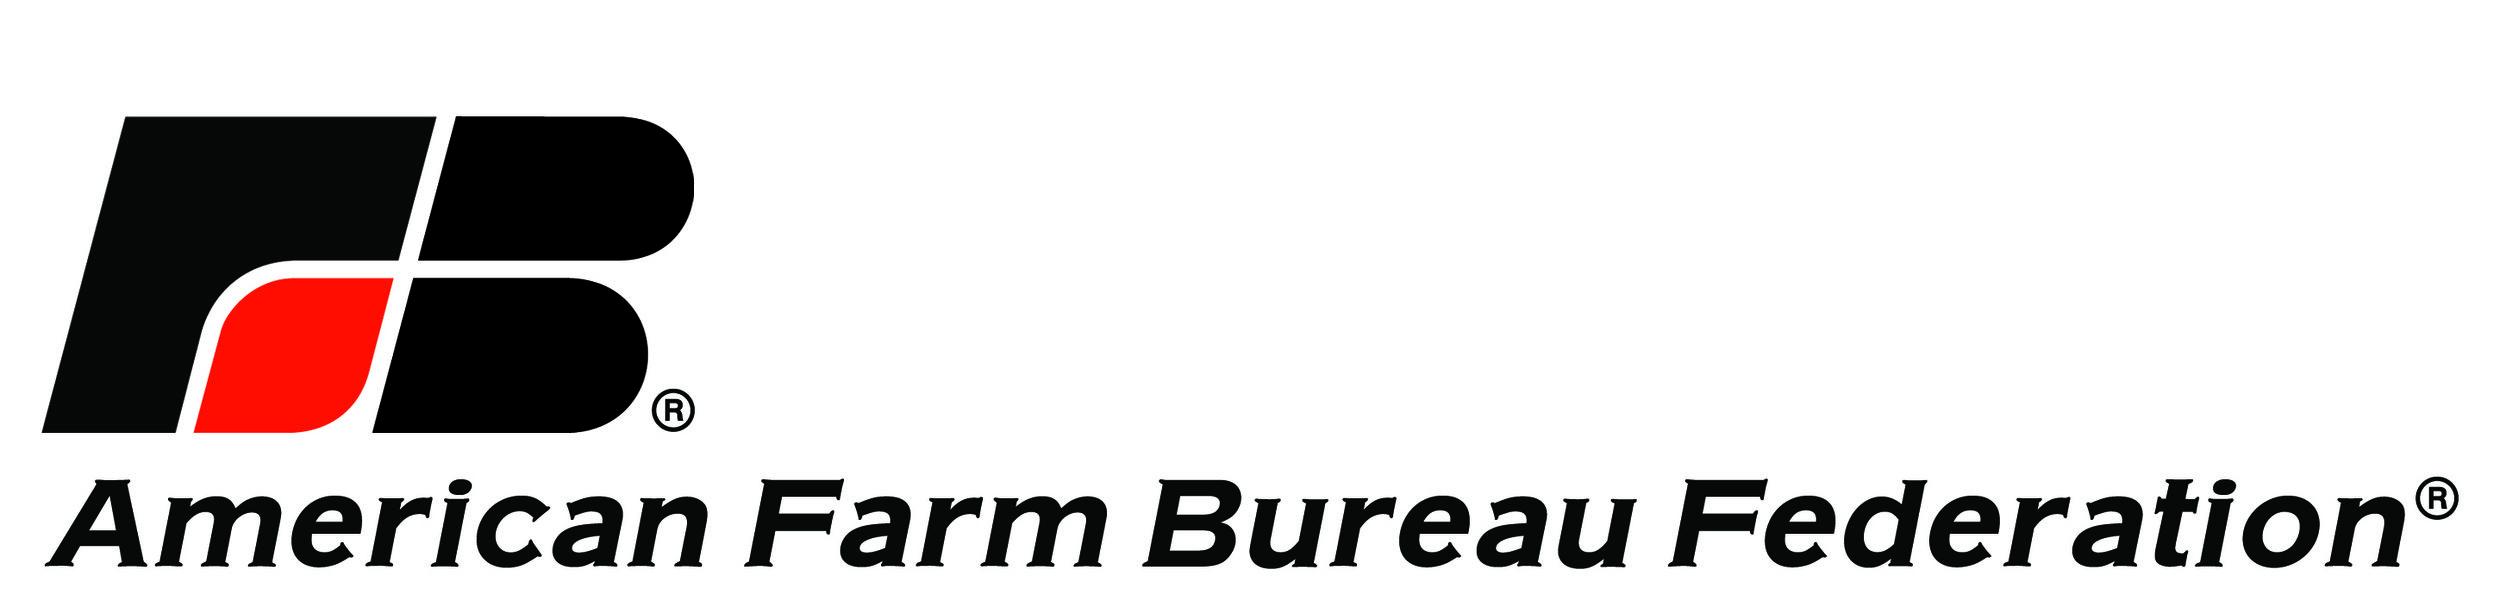 American-Farm-Bureau-Federation_logo-afbf.jpg